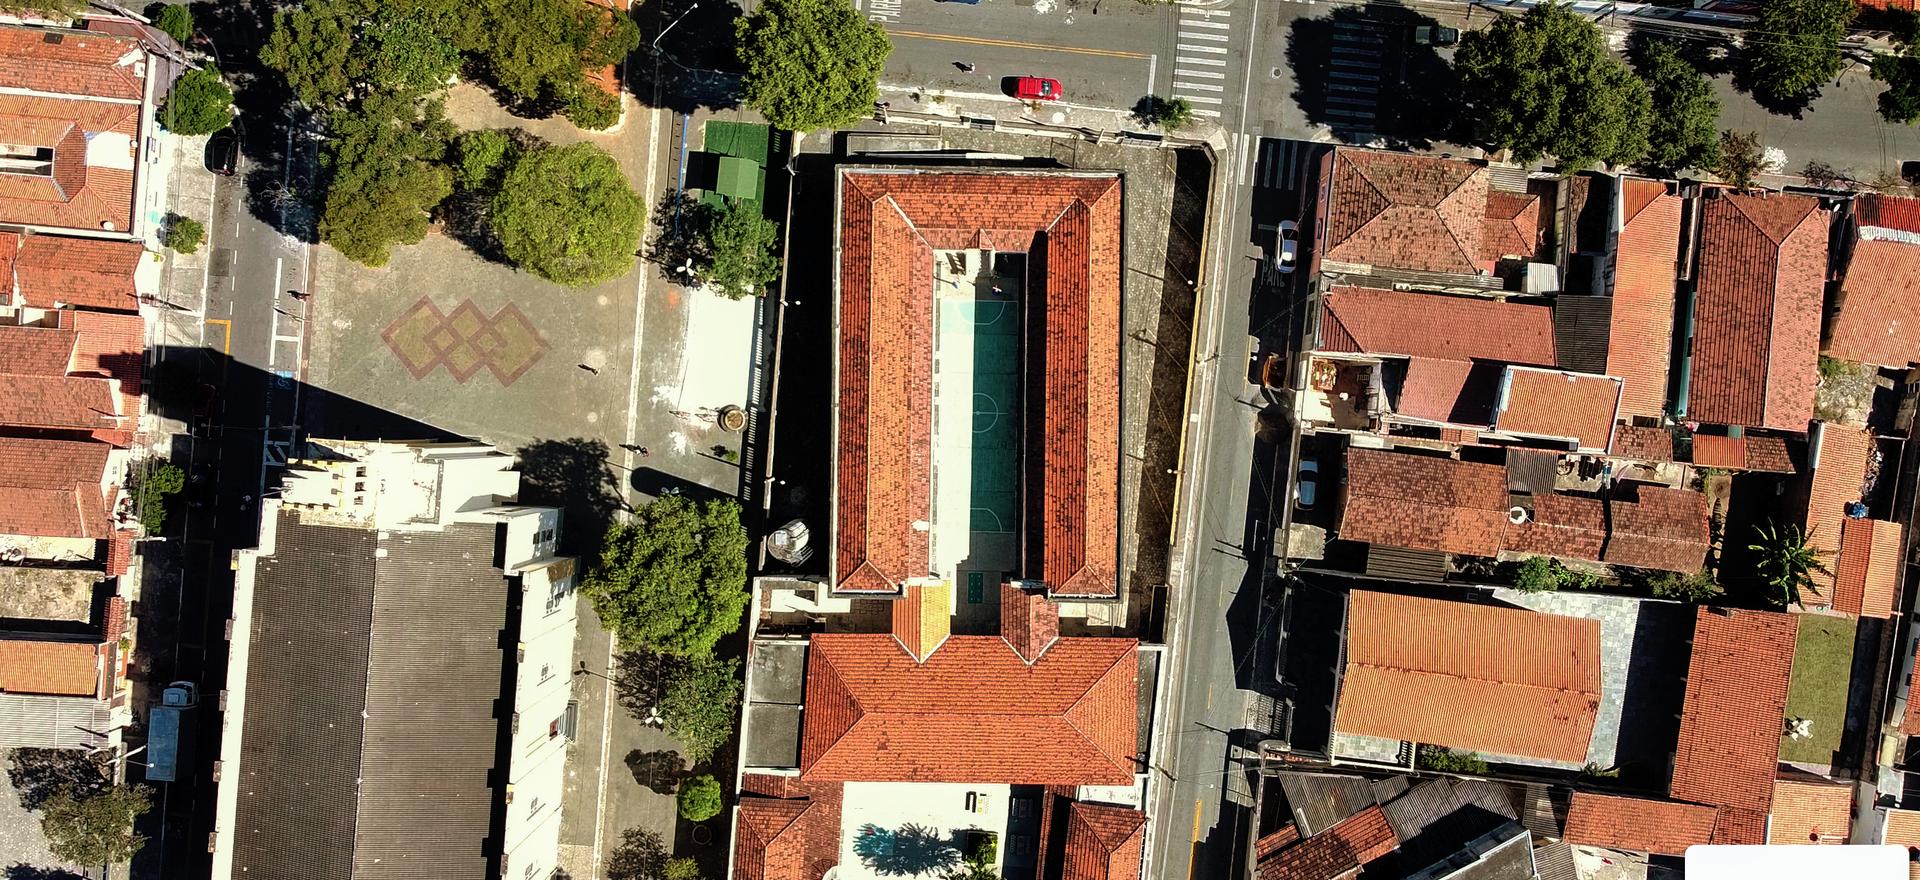 Inspeção em altura, imagens para geo referência e descritivos imobiliários.